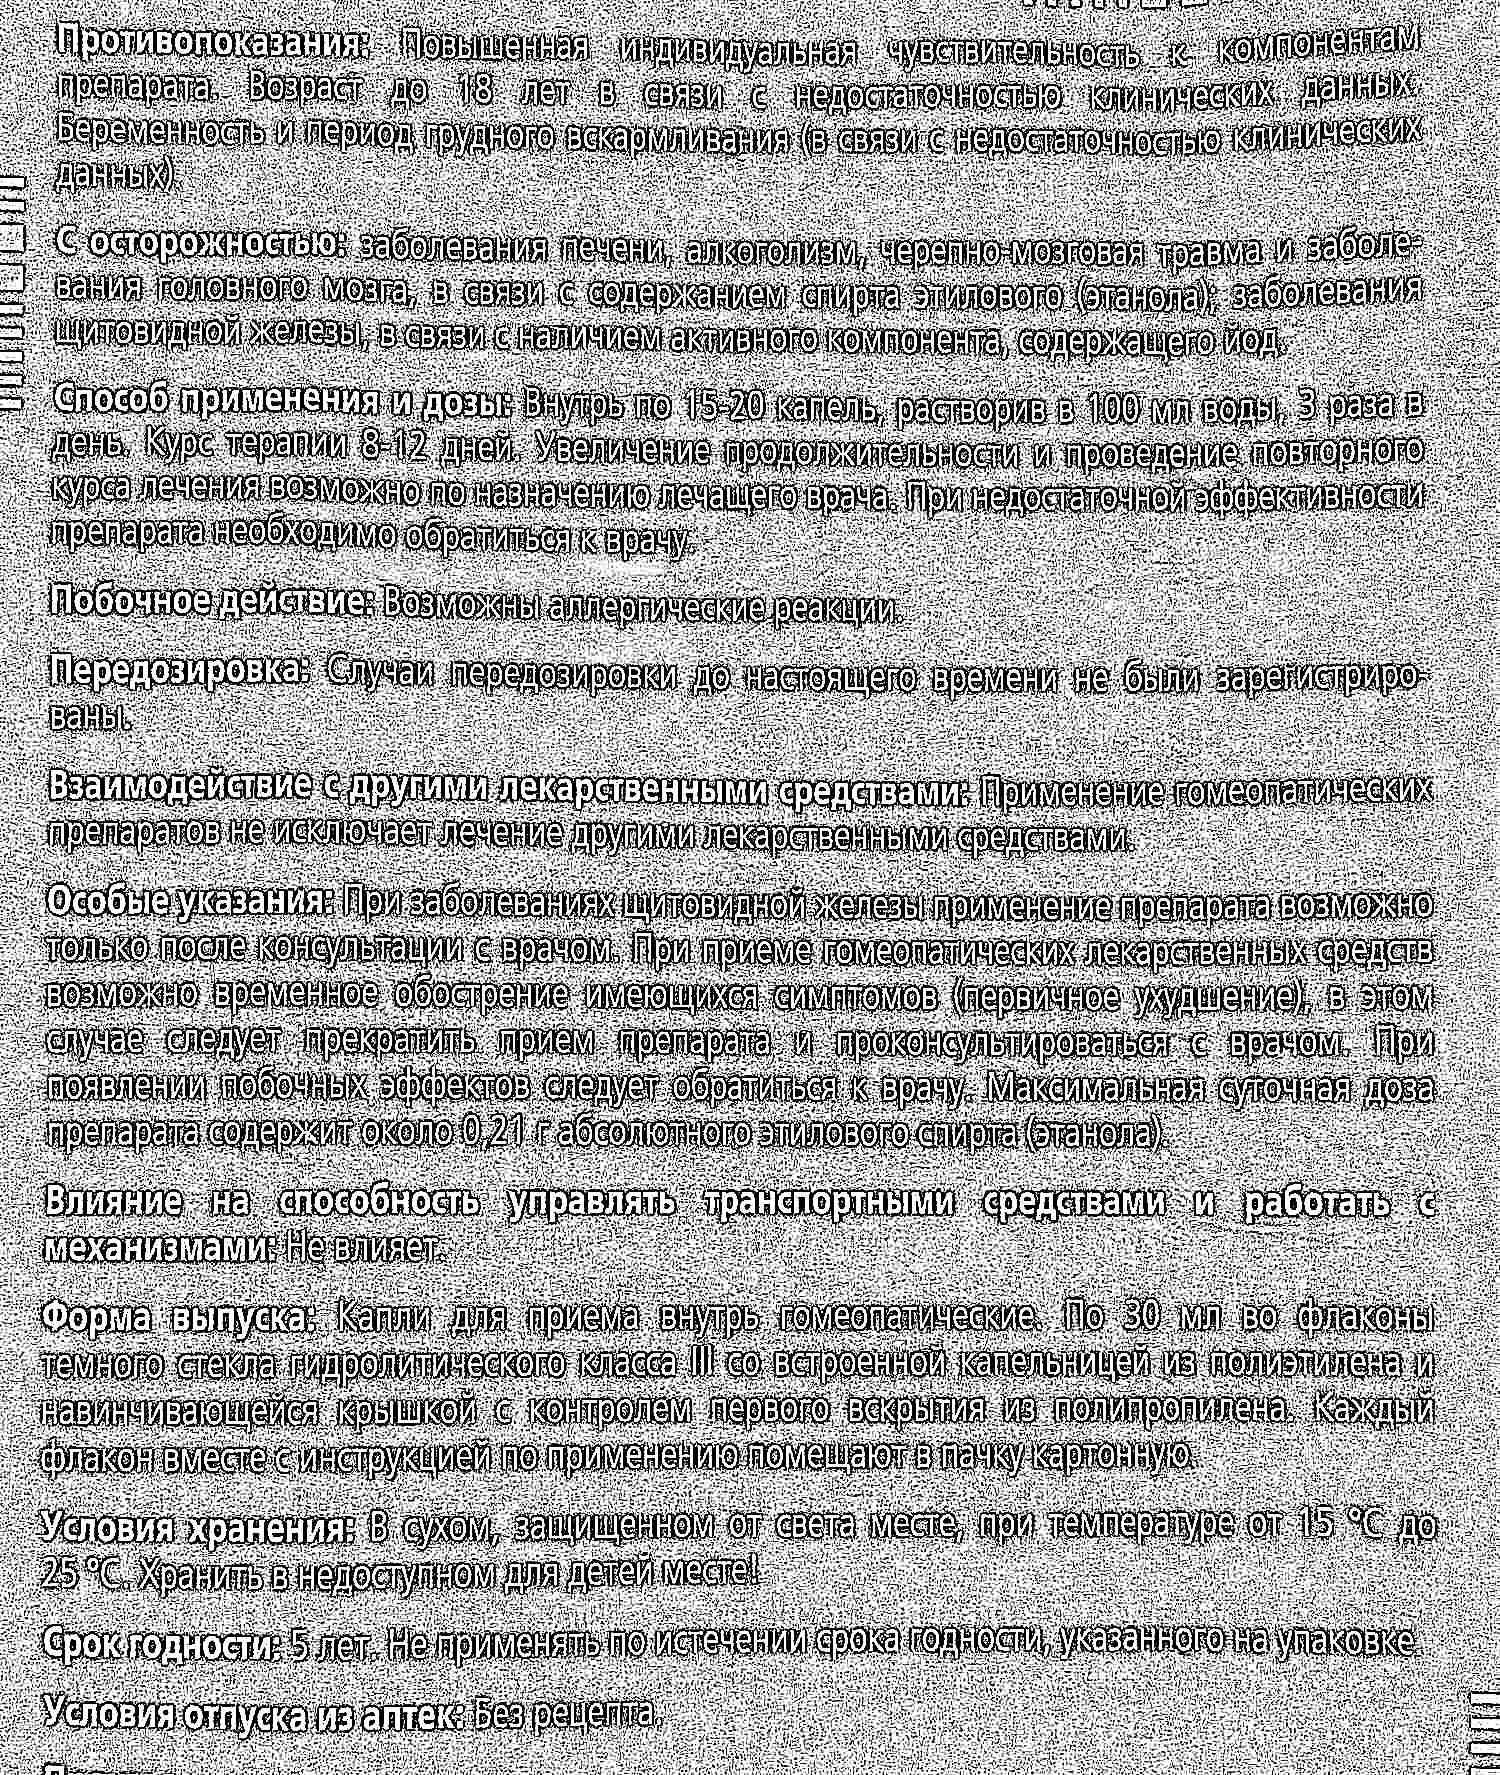 Лимфомиозот инструкция капли